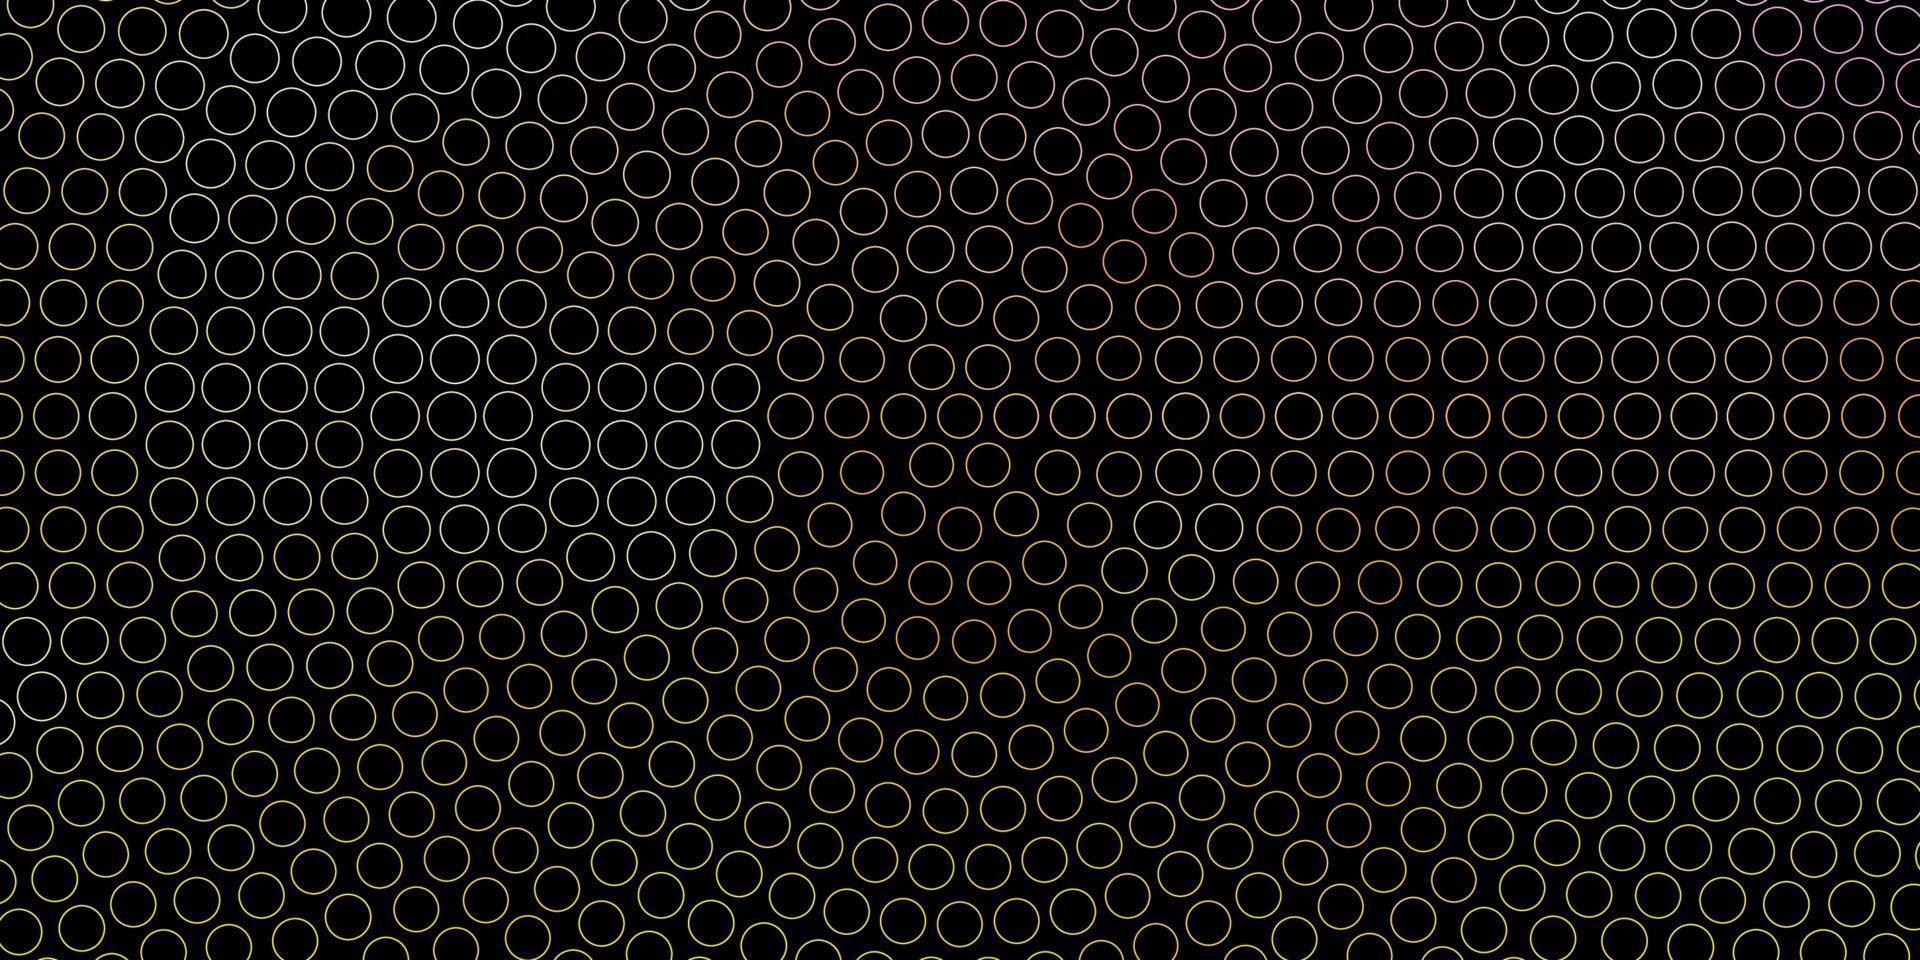 mörkrosa, gul vektorbakgrund med fläckar. vektor